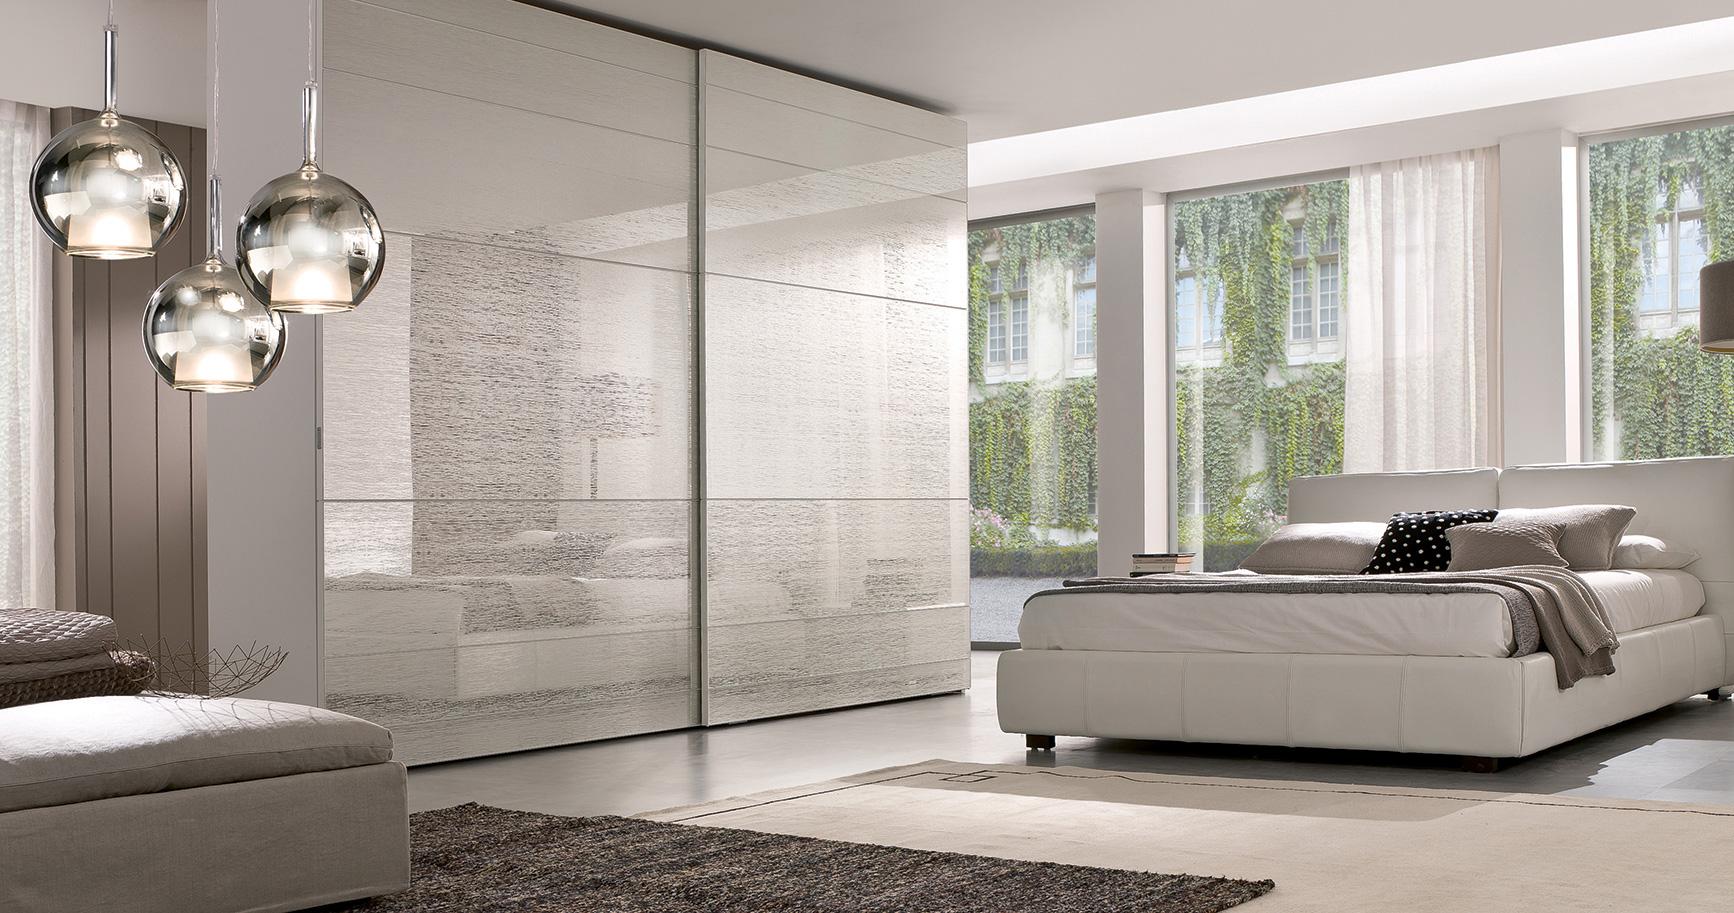 arredamento elementi d arredo in vetro conselvetro